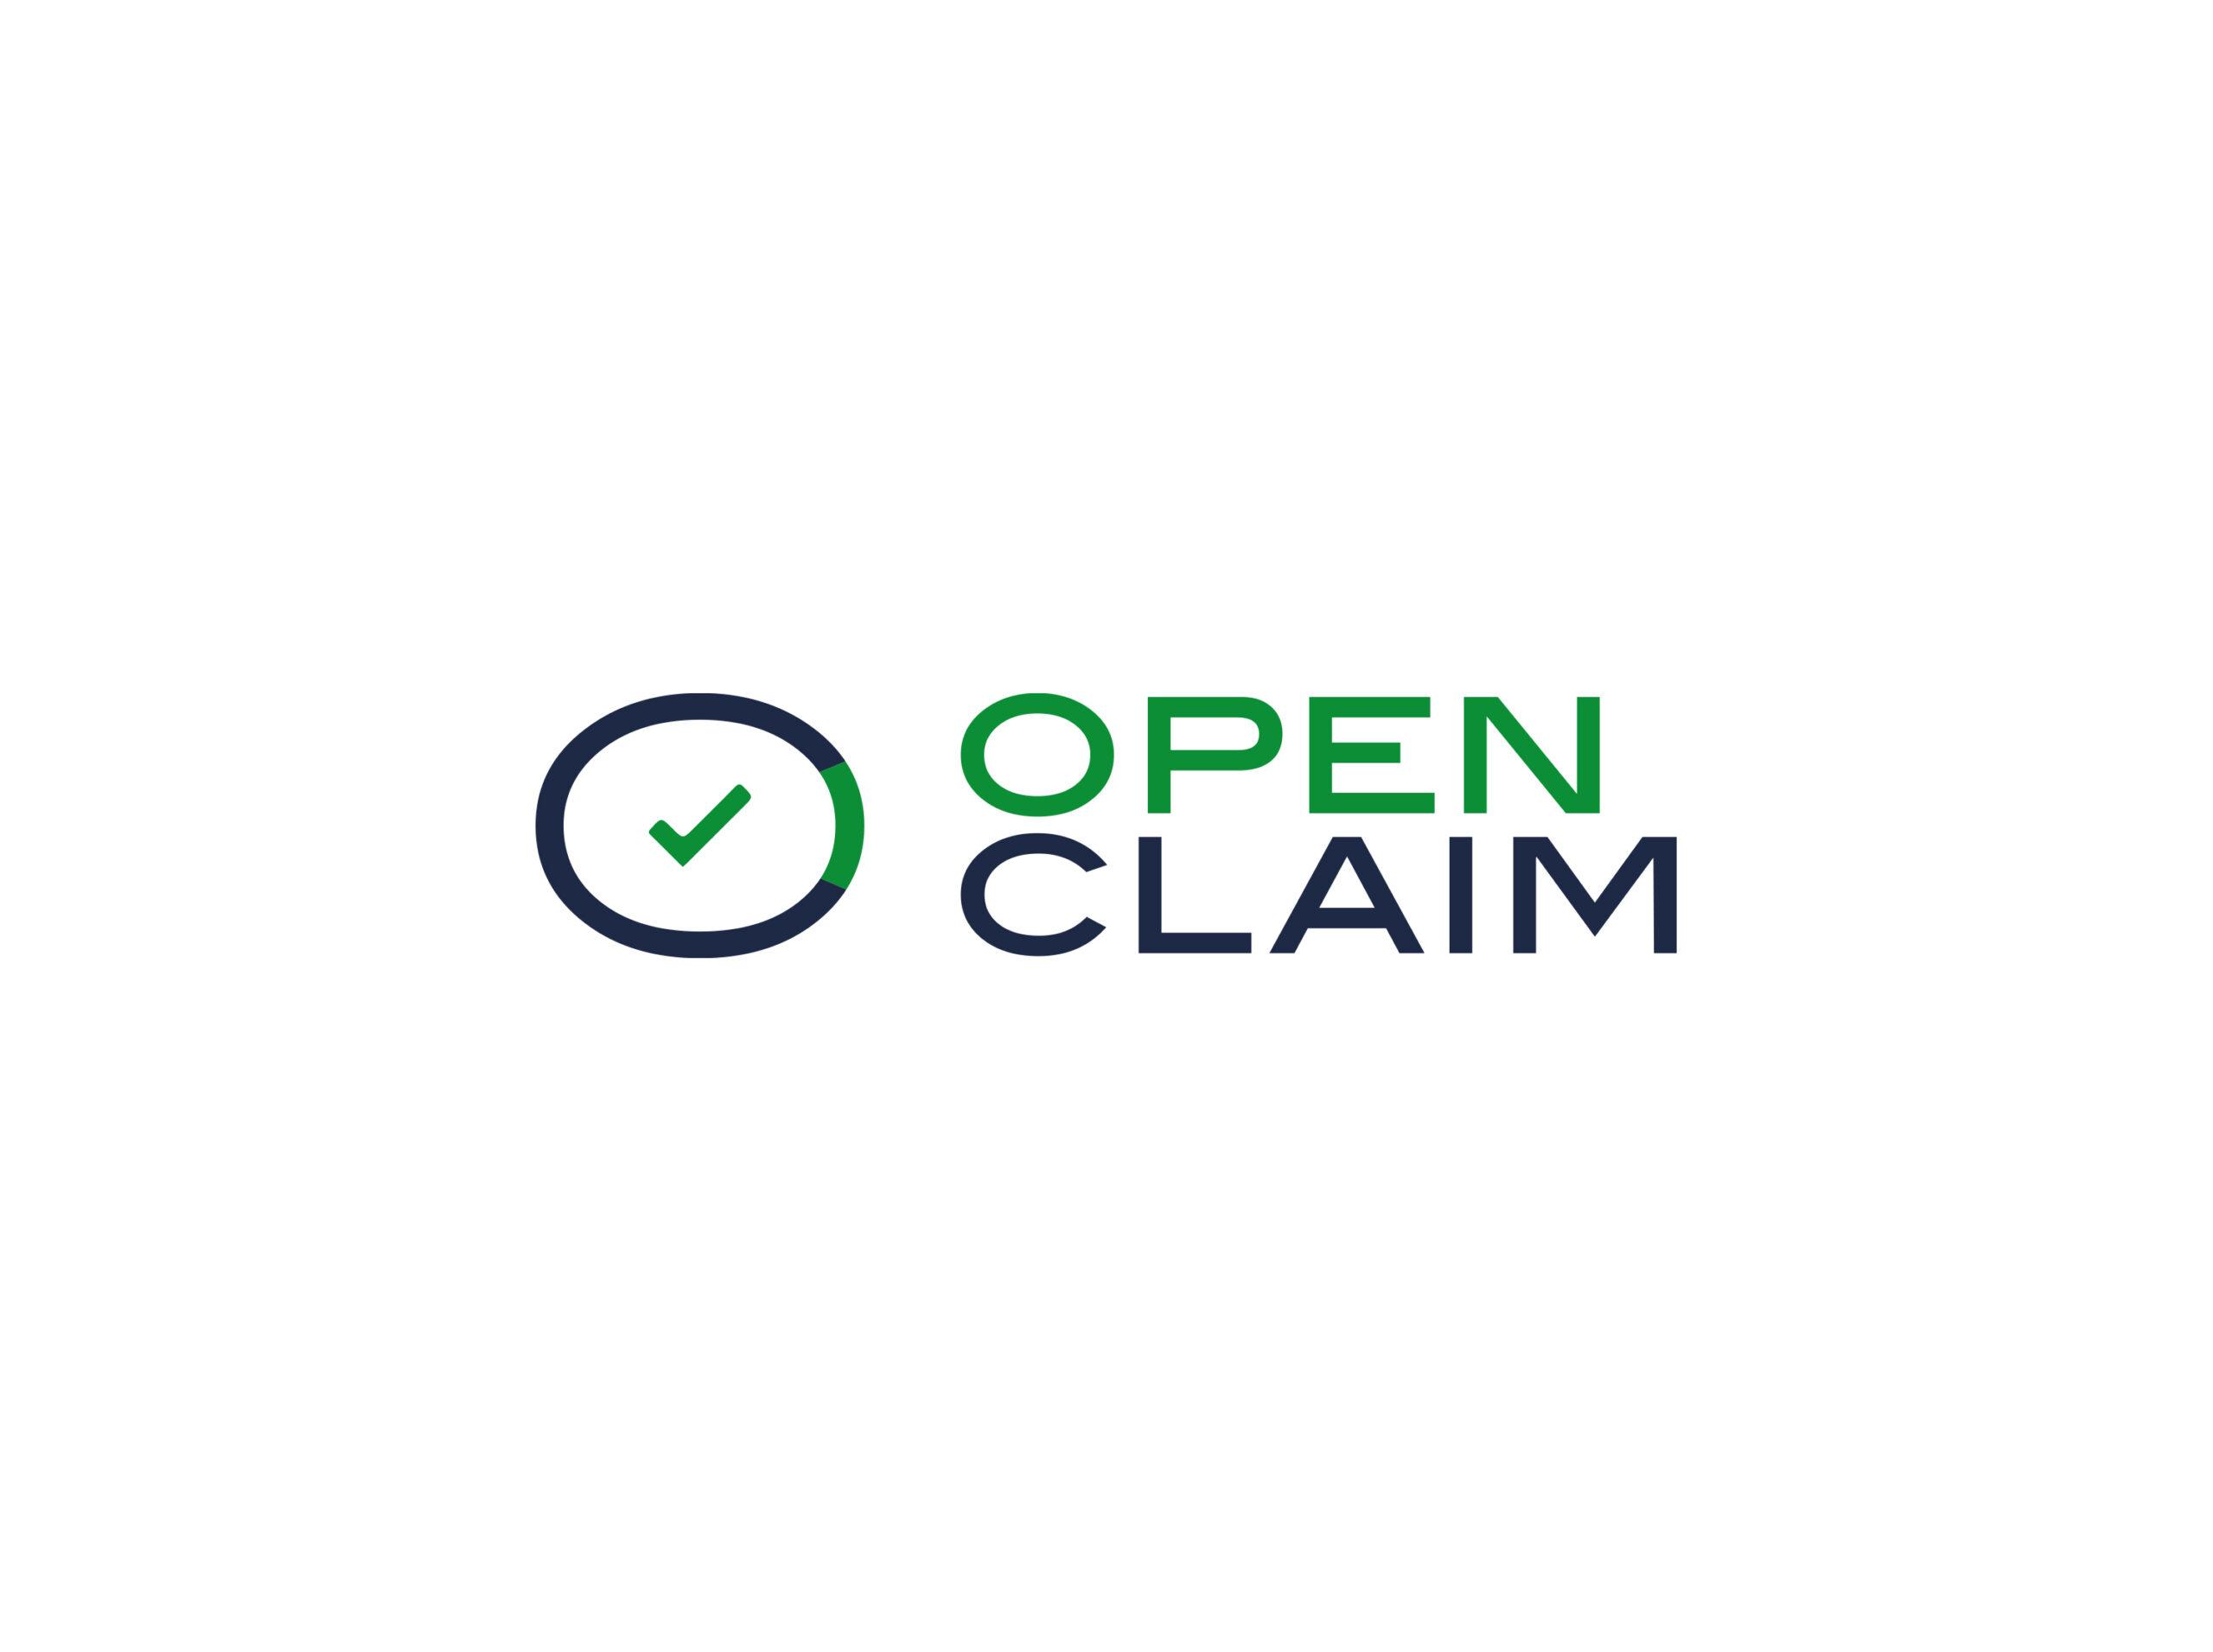 Open Claim - logo, branding, print - img 1